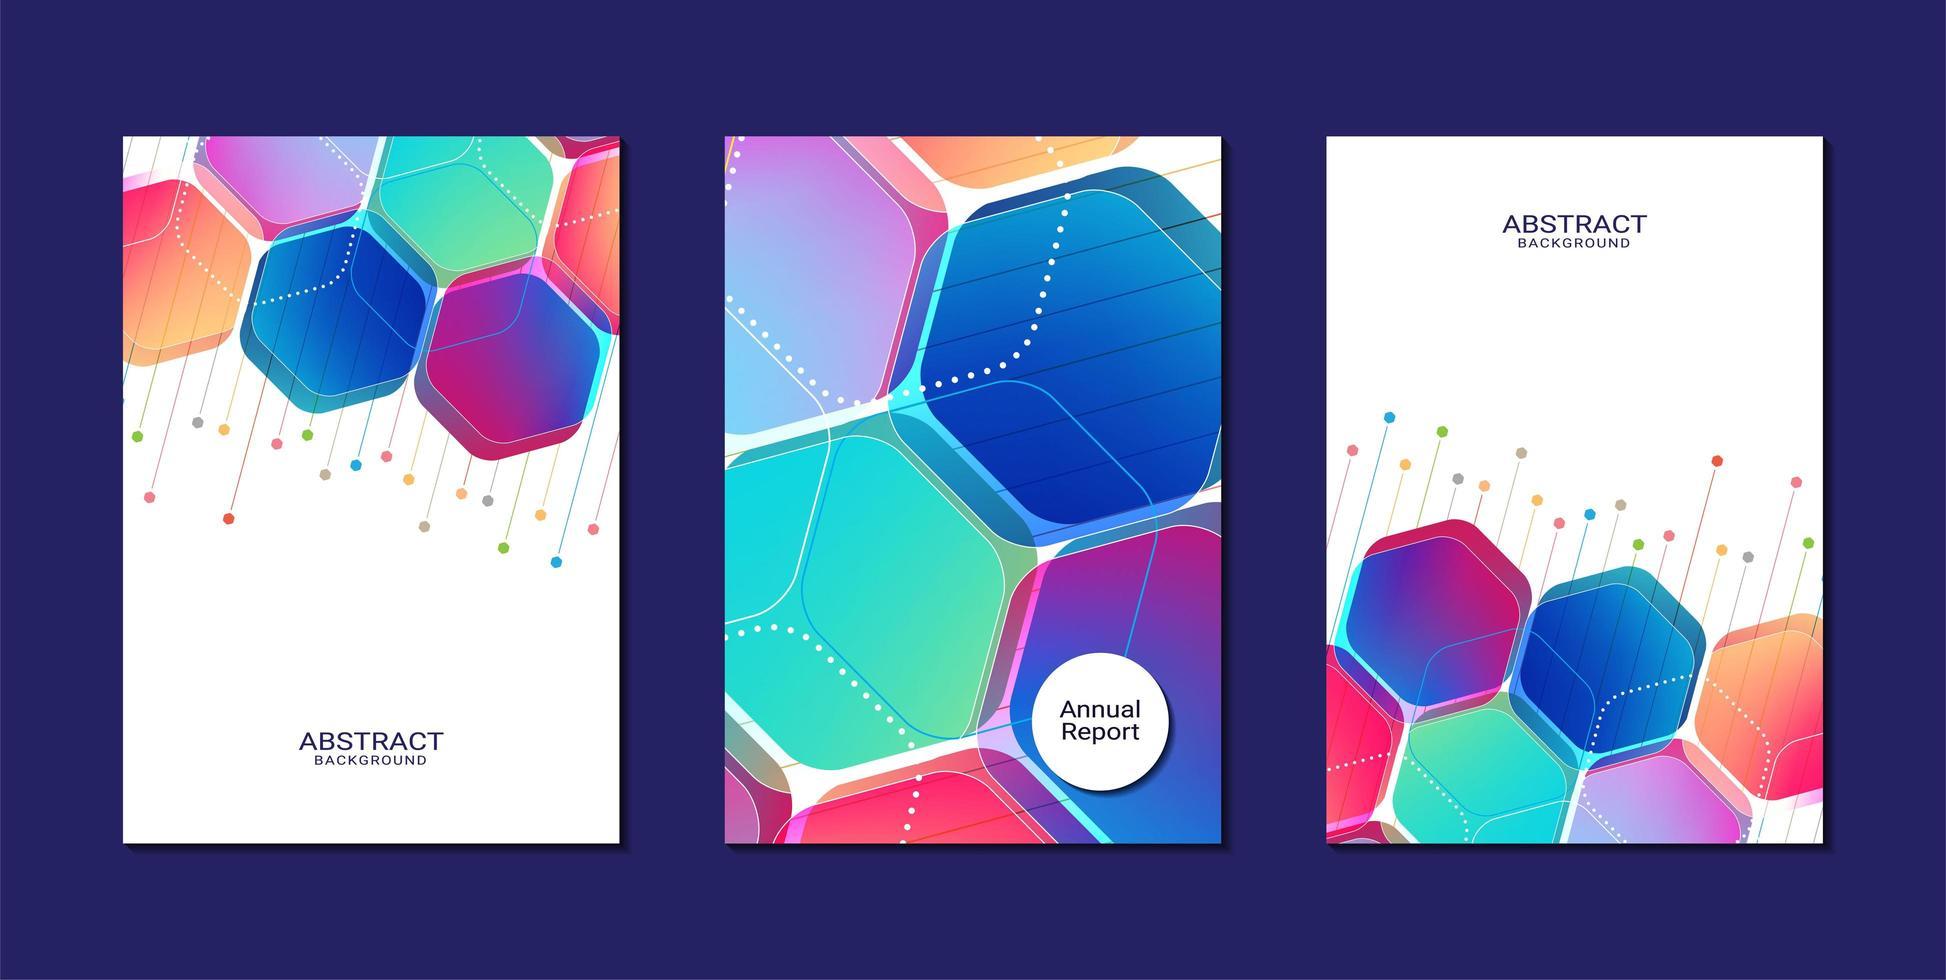 färgglada hexagon former mallar för rapportrapport vektor